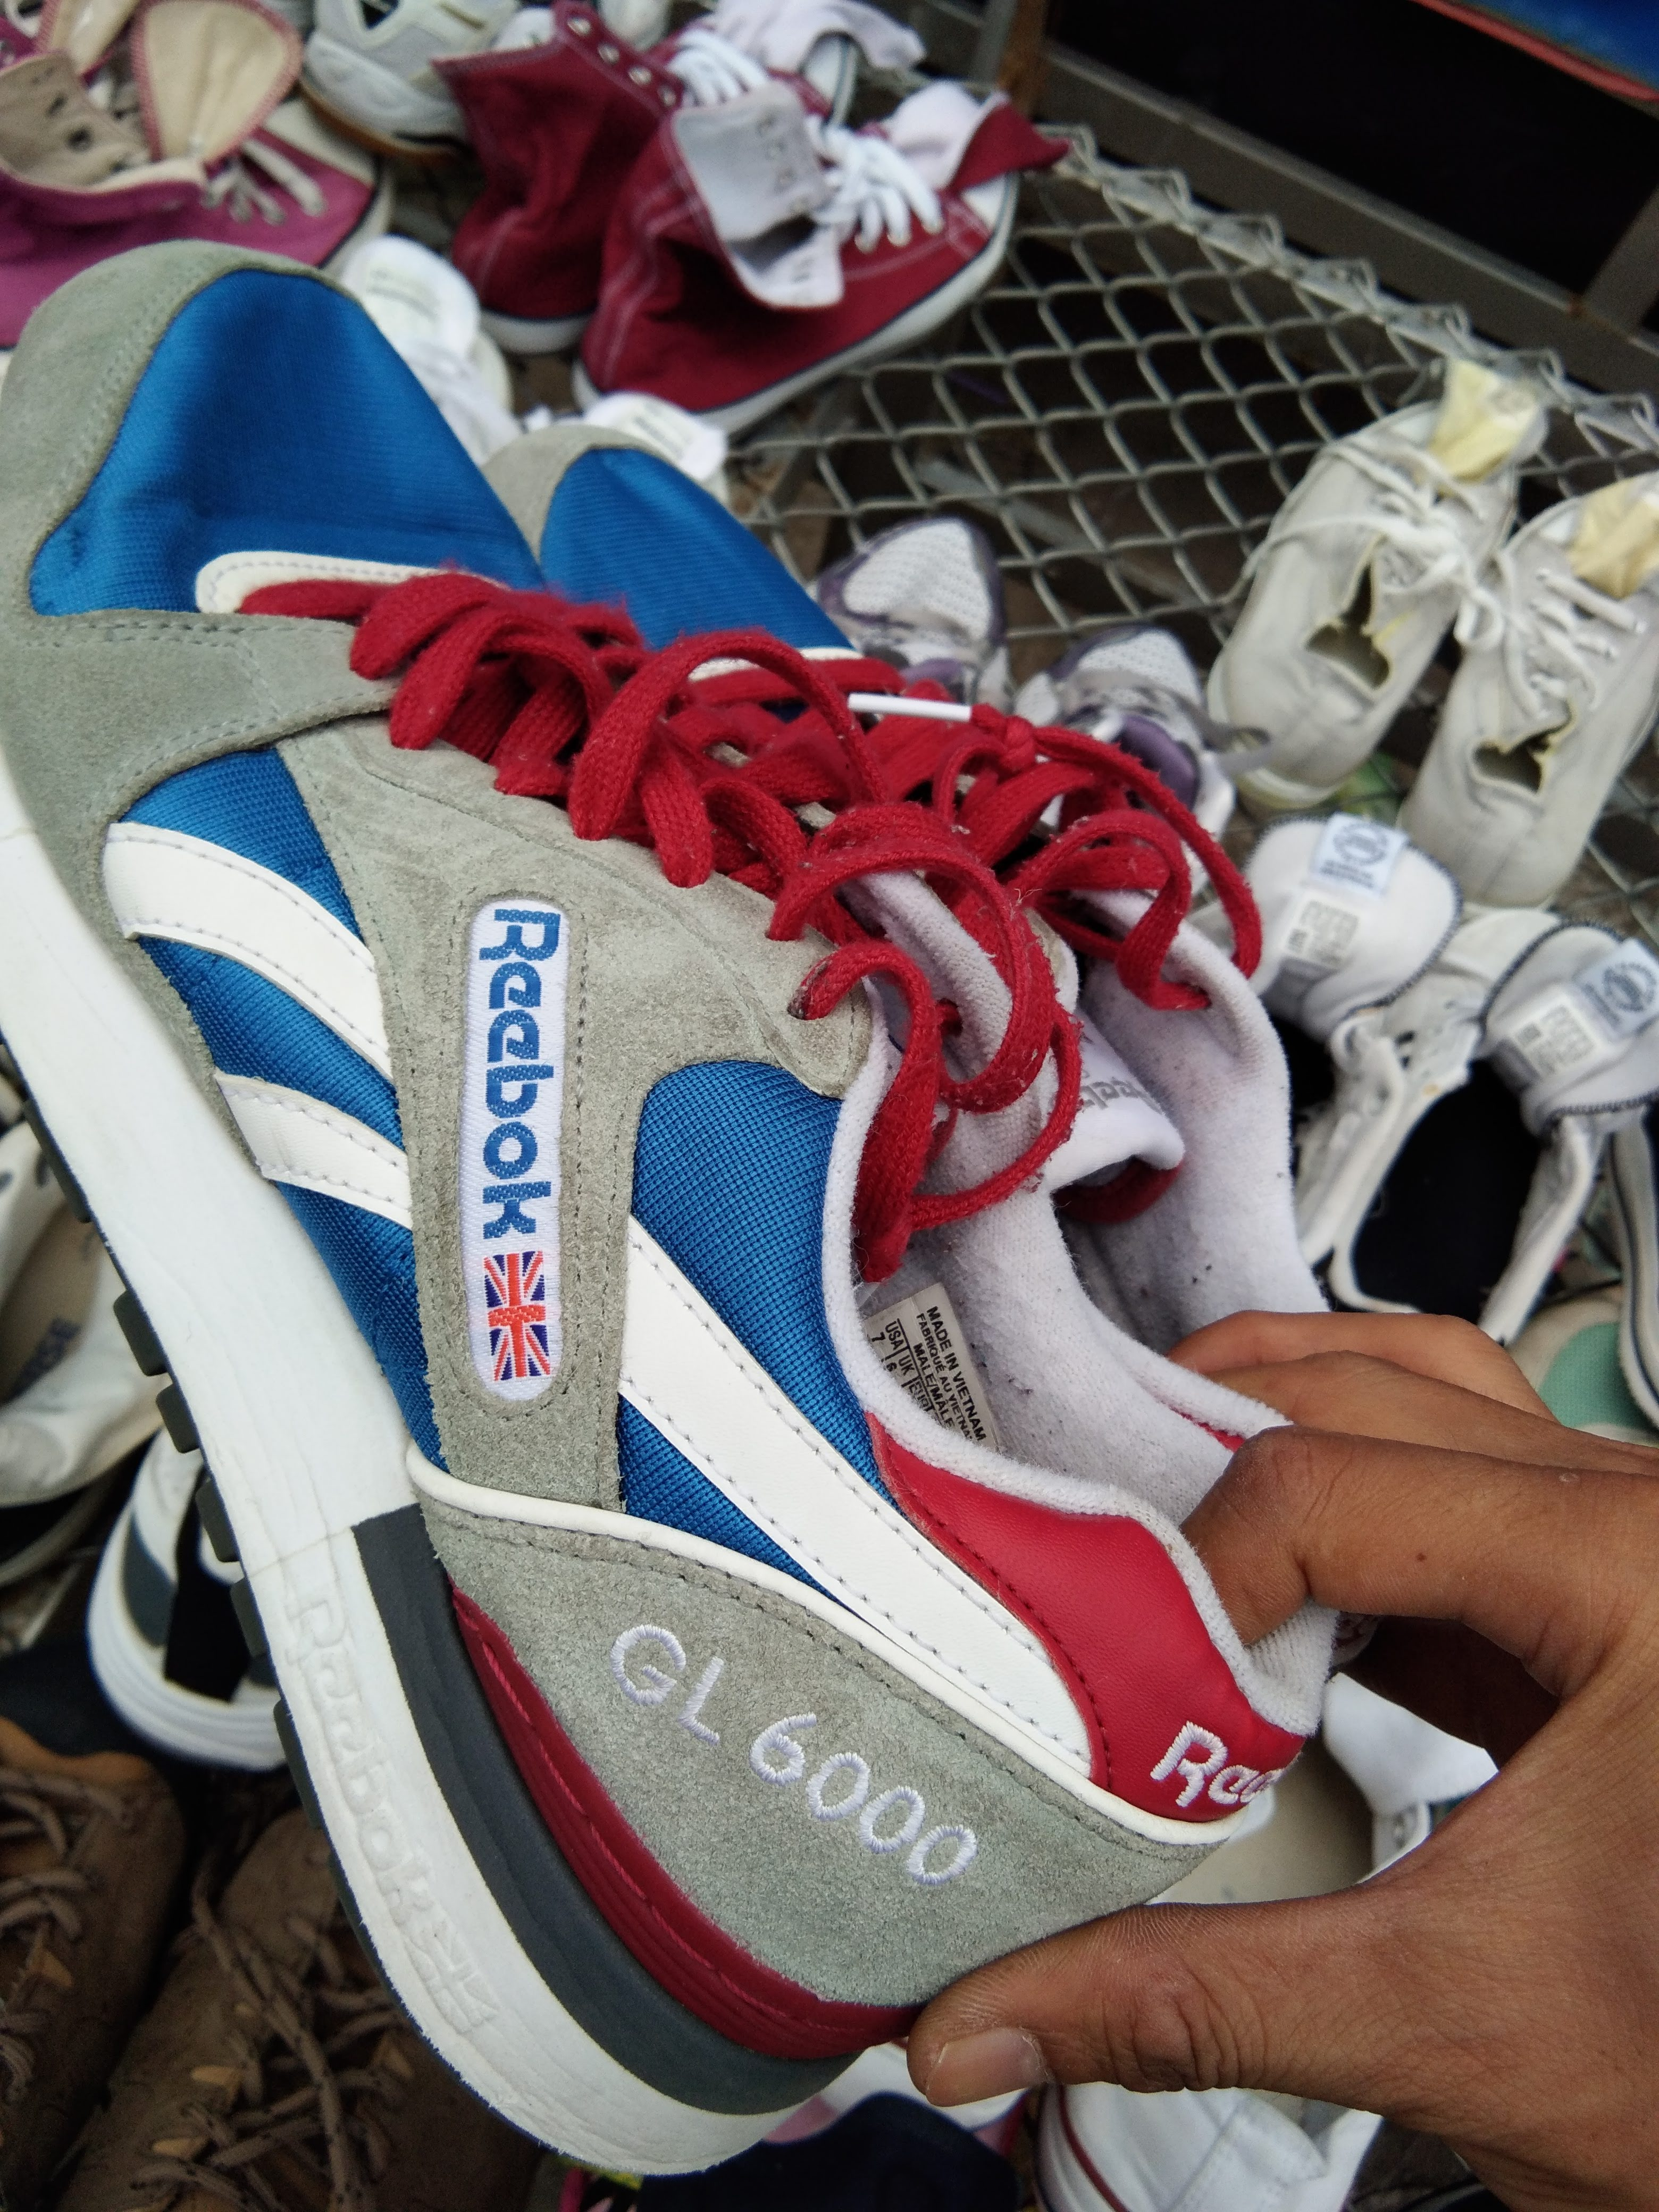 สั่งคัด รองเท้าผ้าใบ มือสอง สภาพคัด งานป้าย ตลาดโรงเกลือ